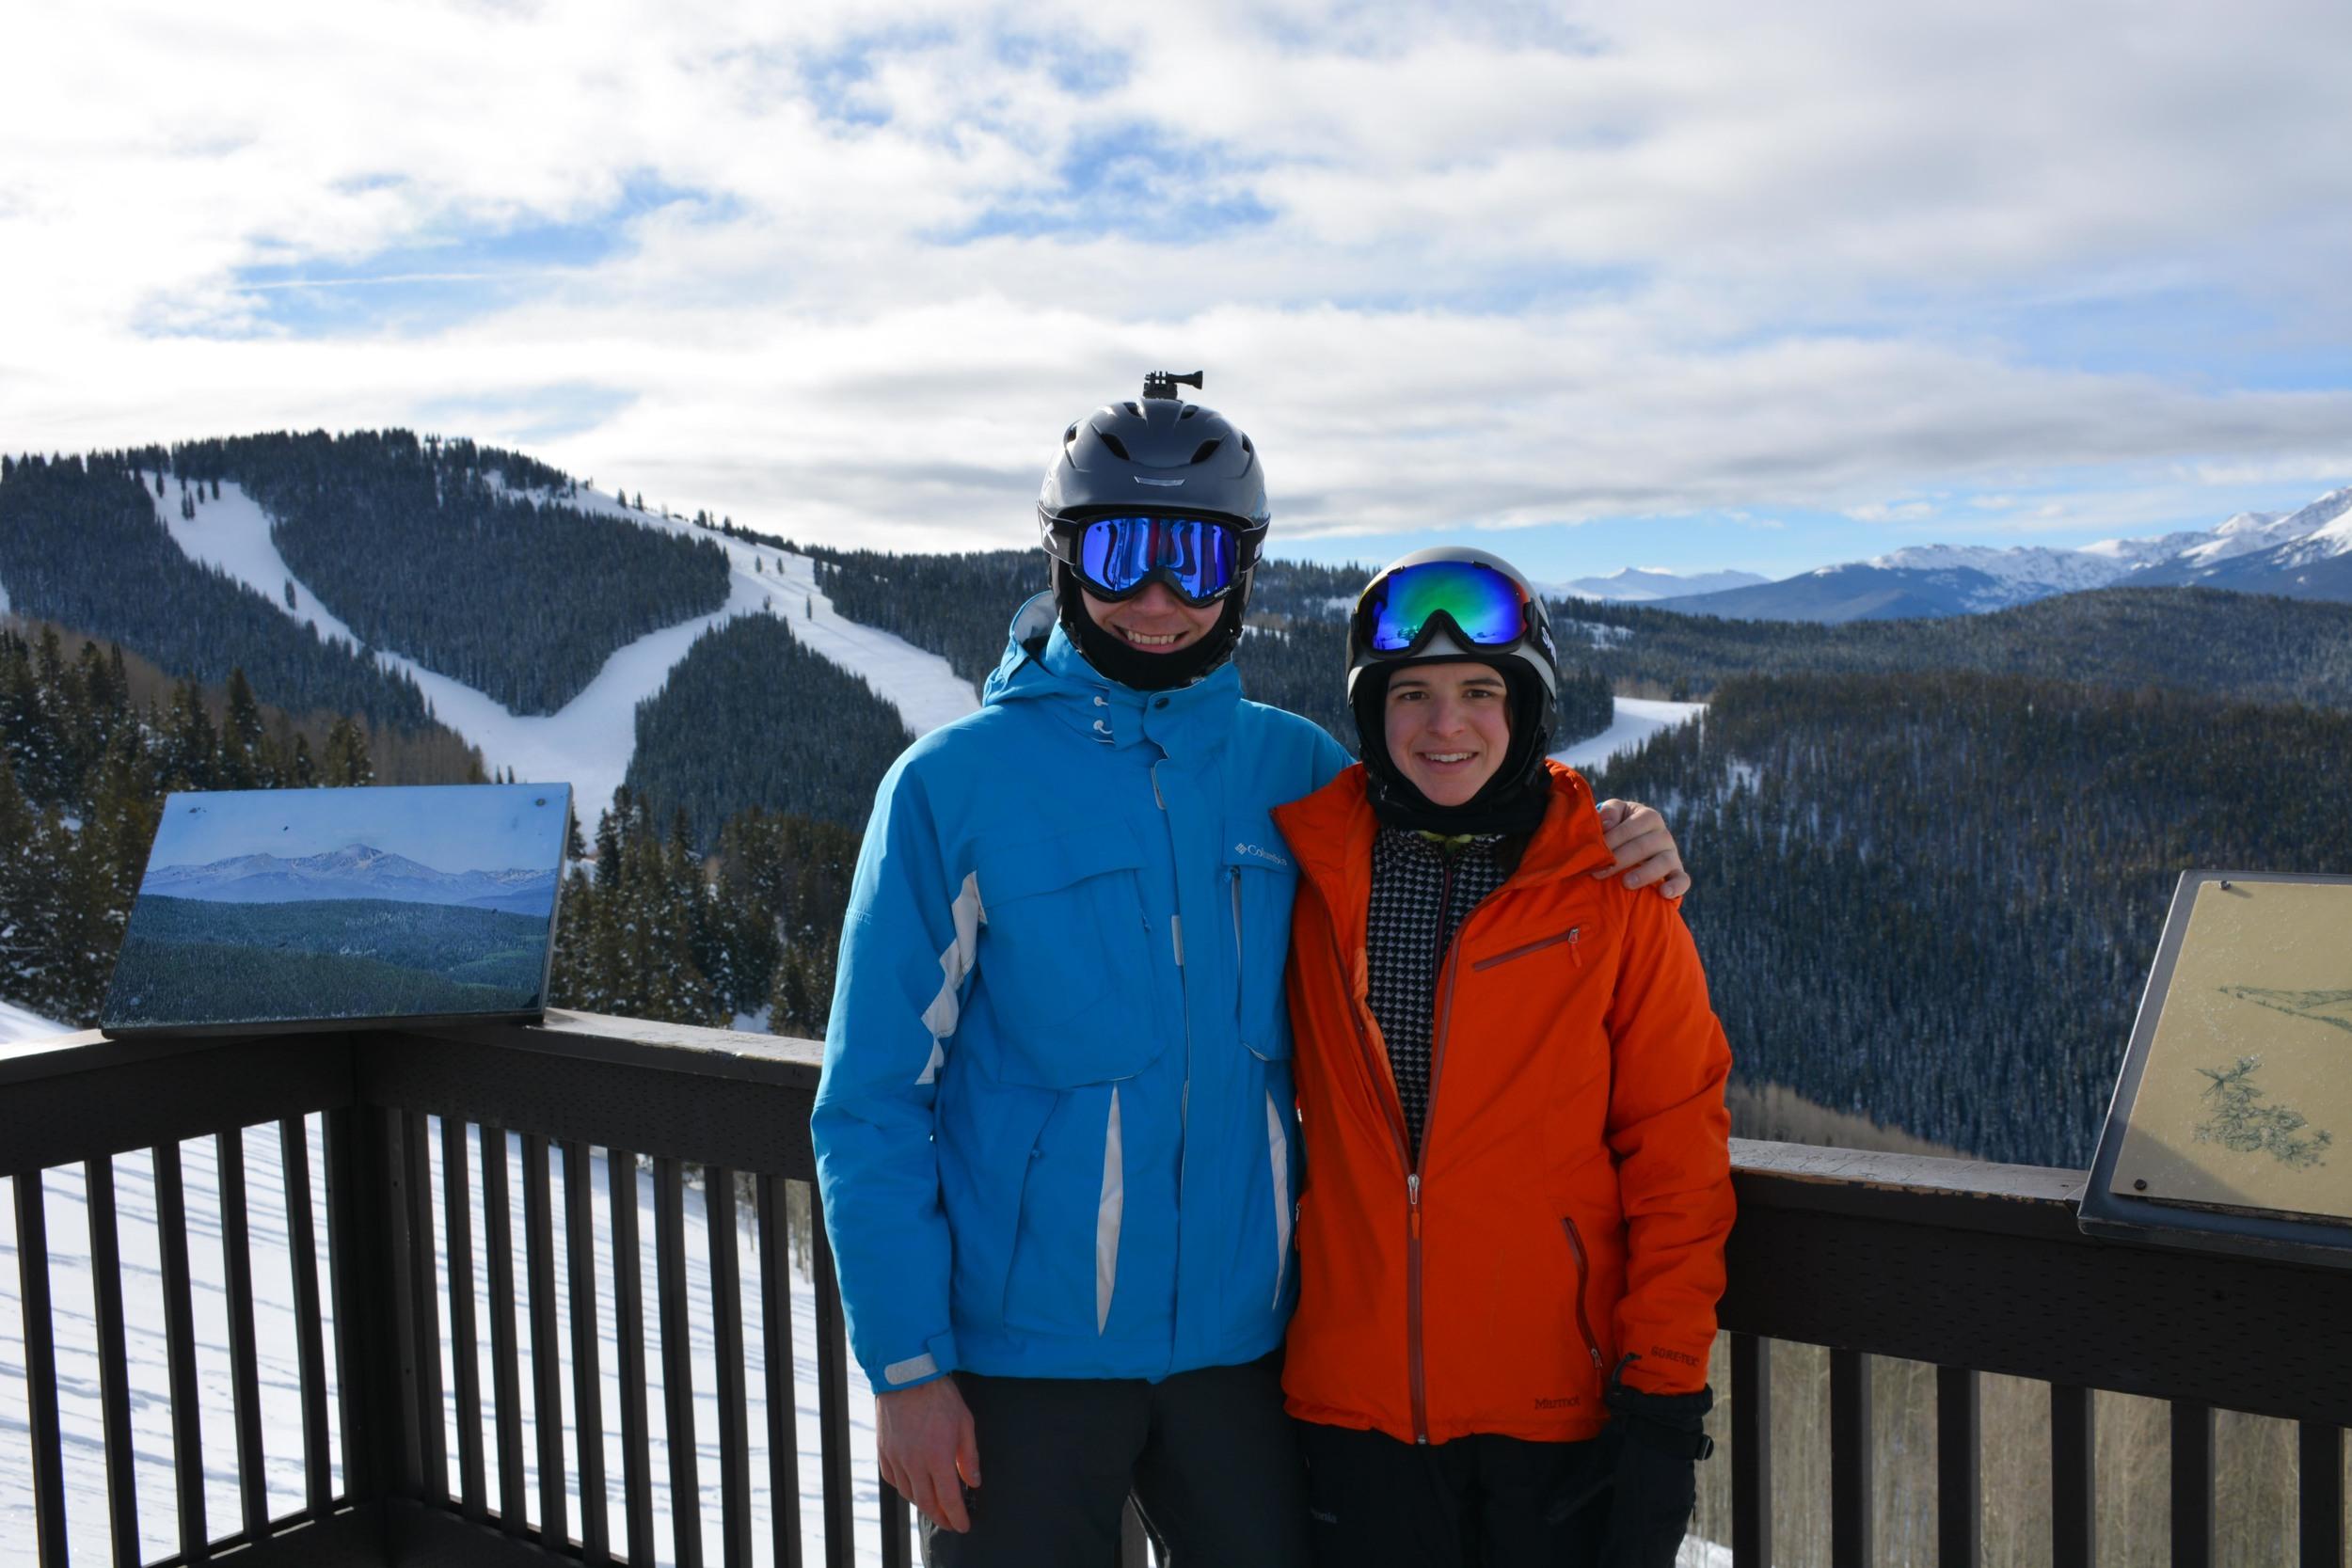 Anton and Larisa at Vail